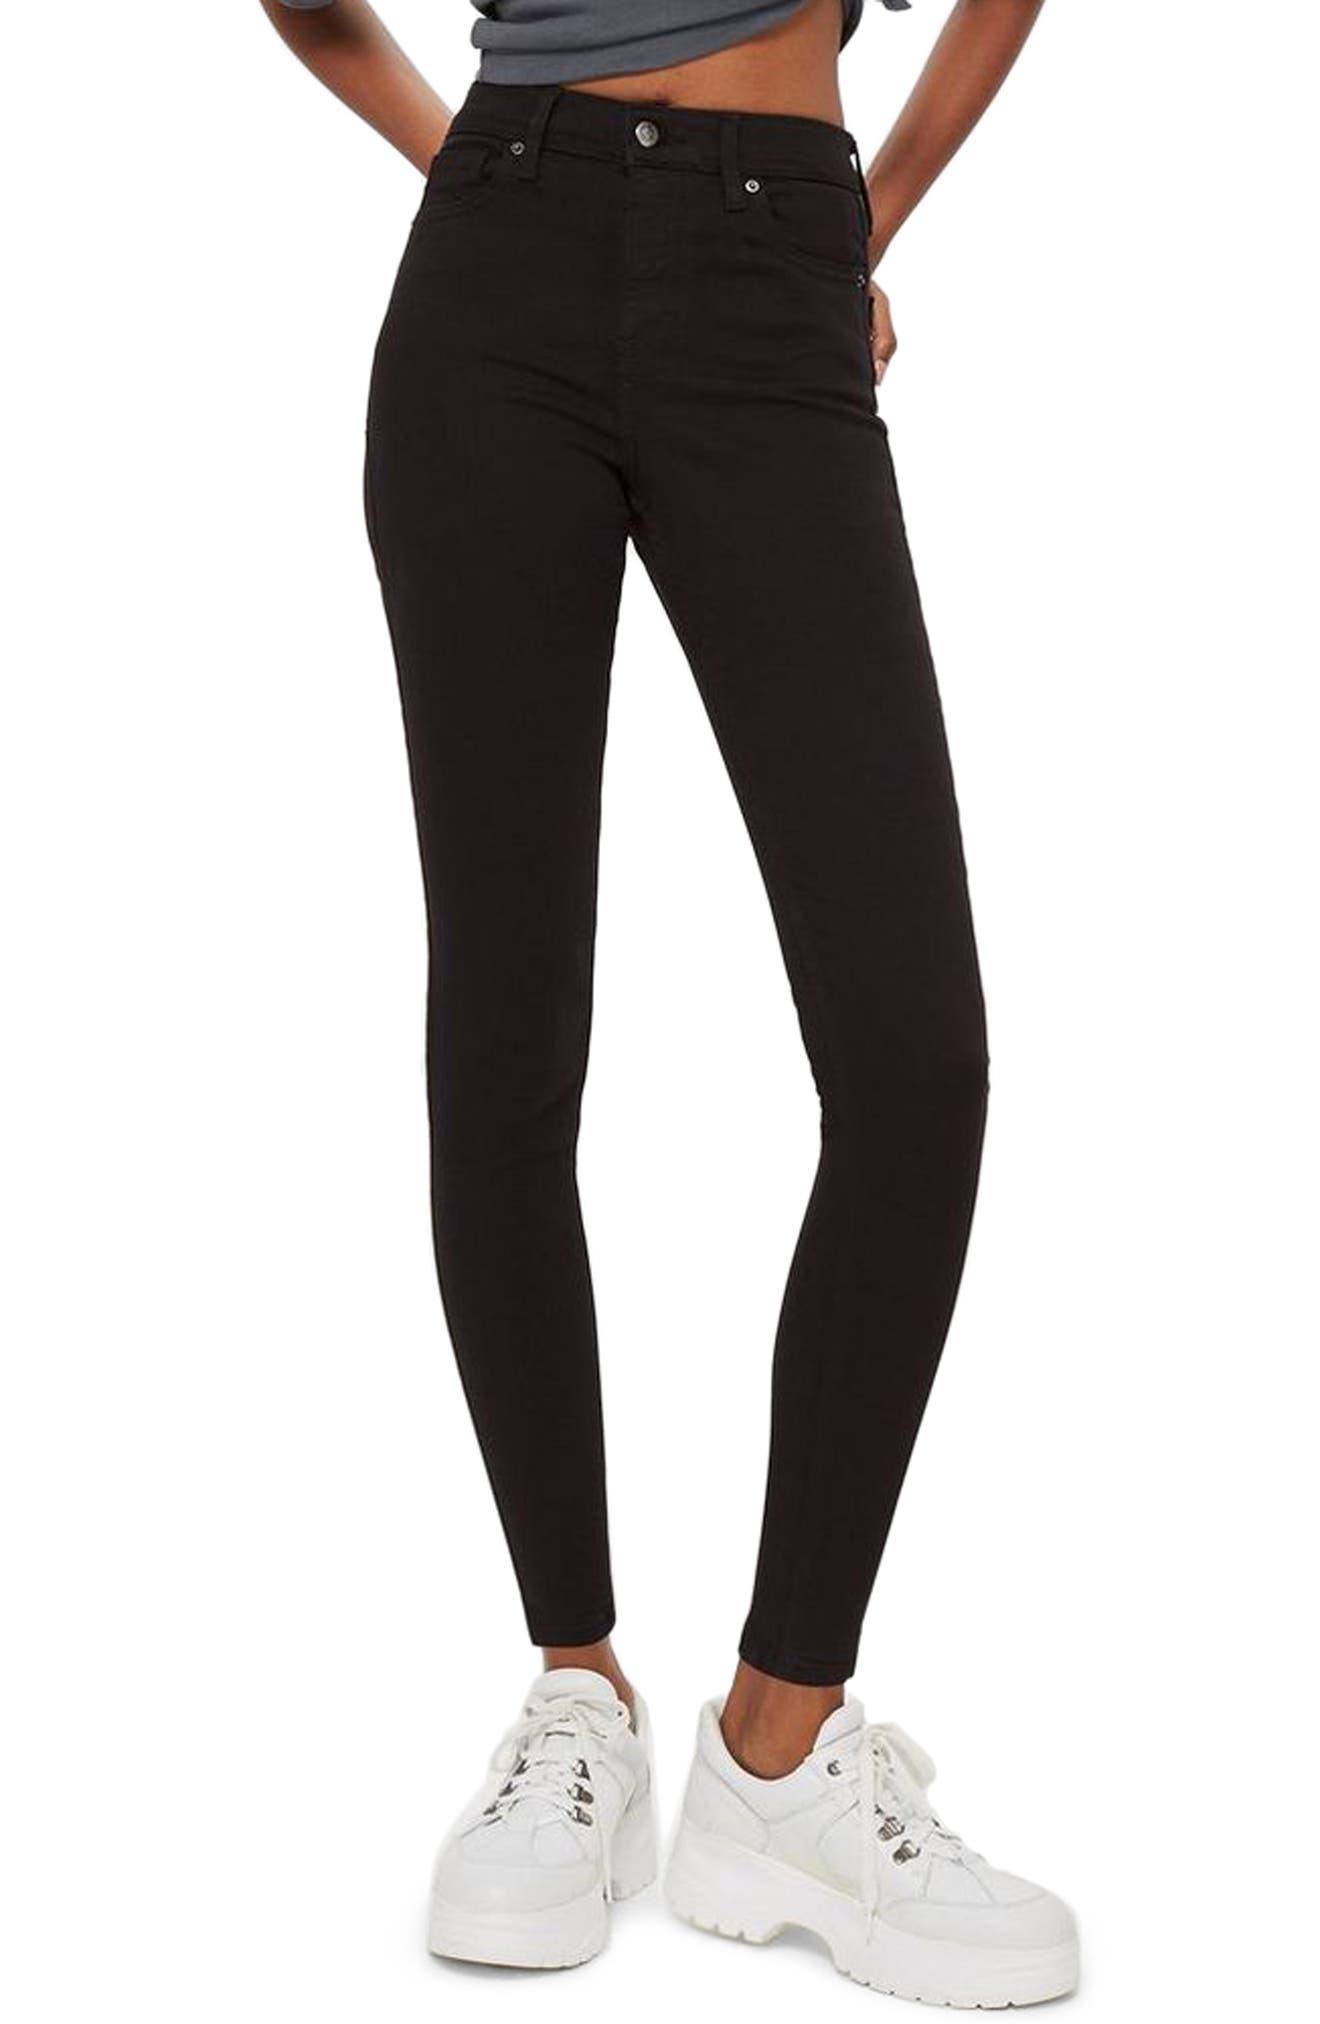 Women's Black Jeans & Denim | Nordstrom